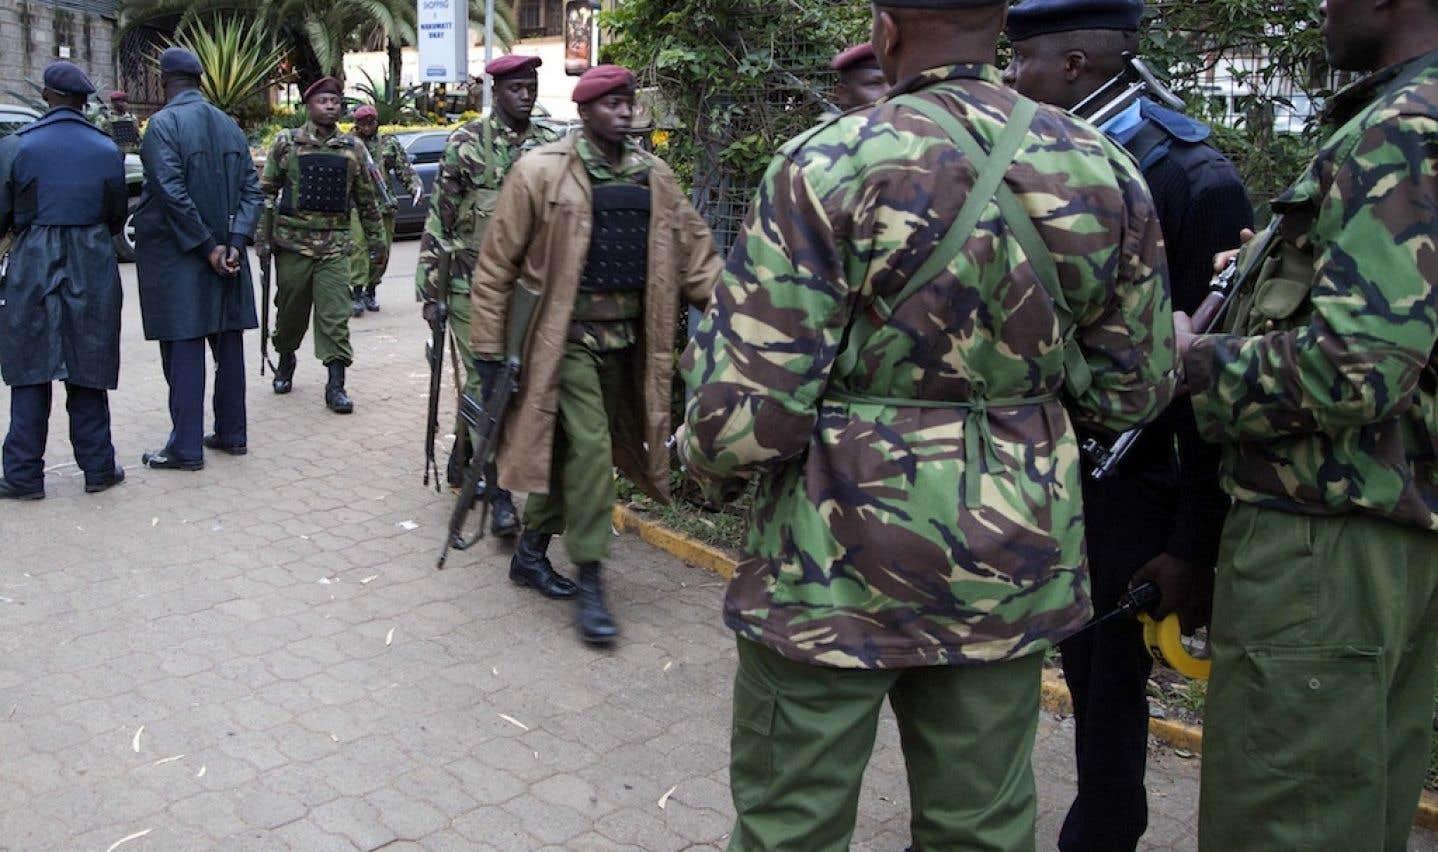 Les forces de sécurité kenyanes sont intervenues dimanche autour du centre commercial où les agresseurs sont retranchés.